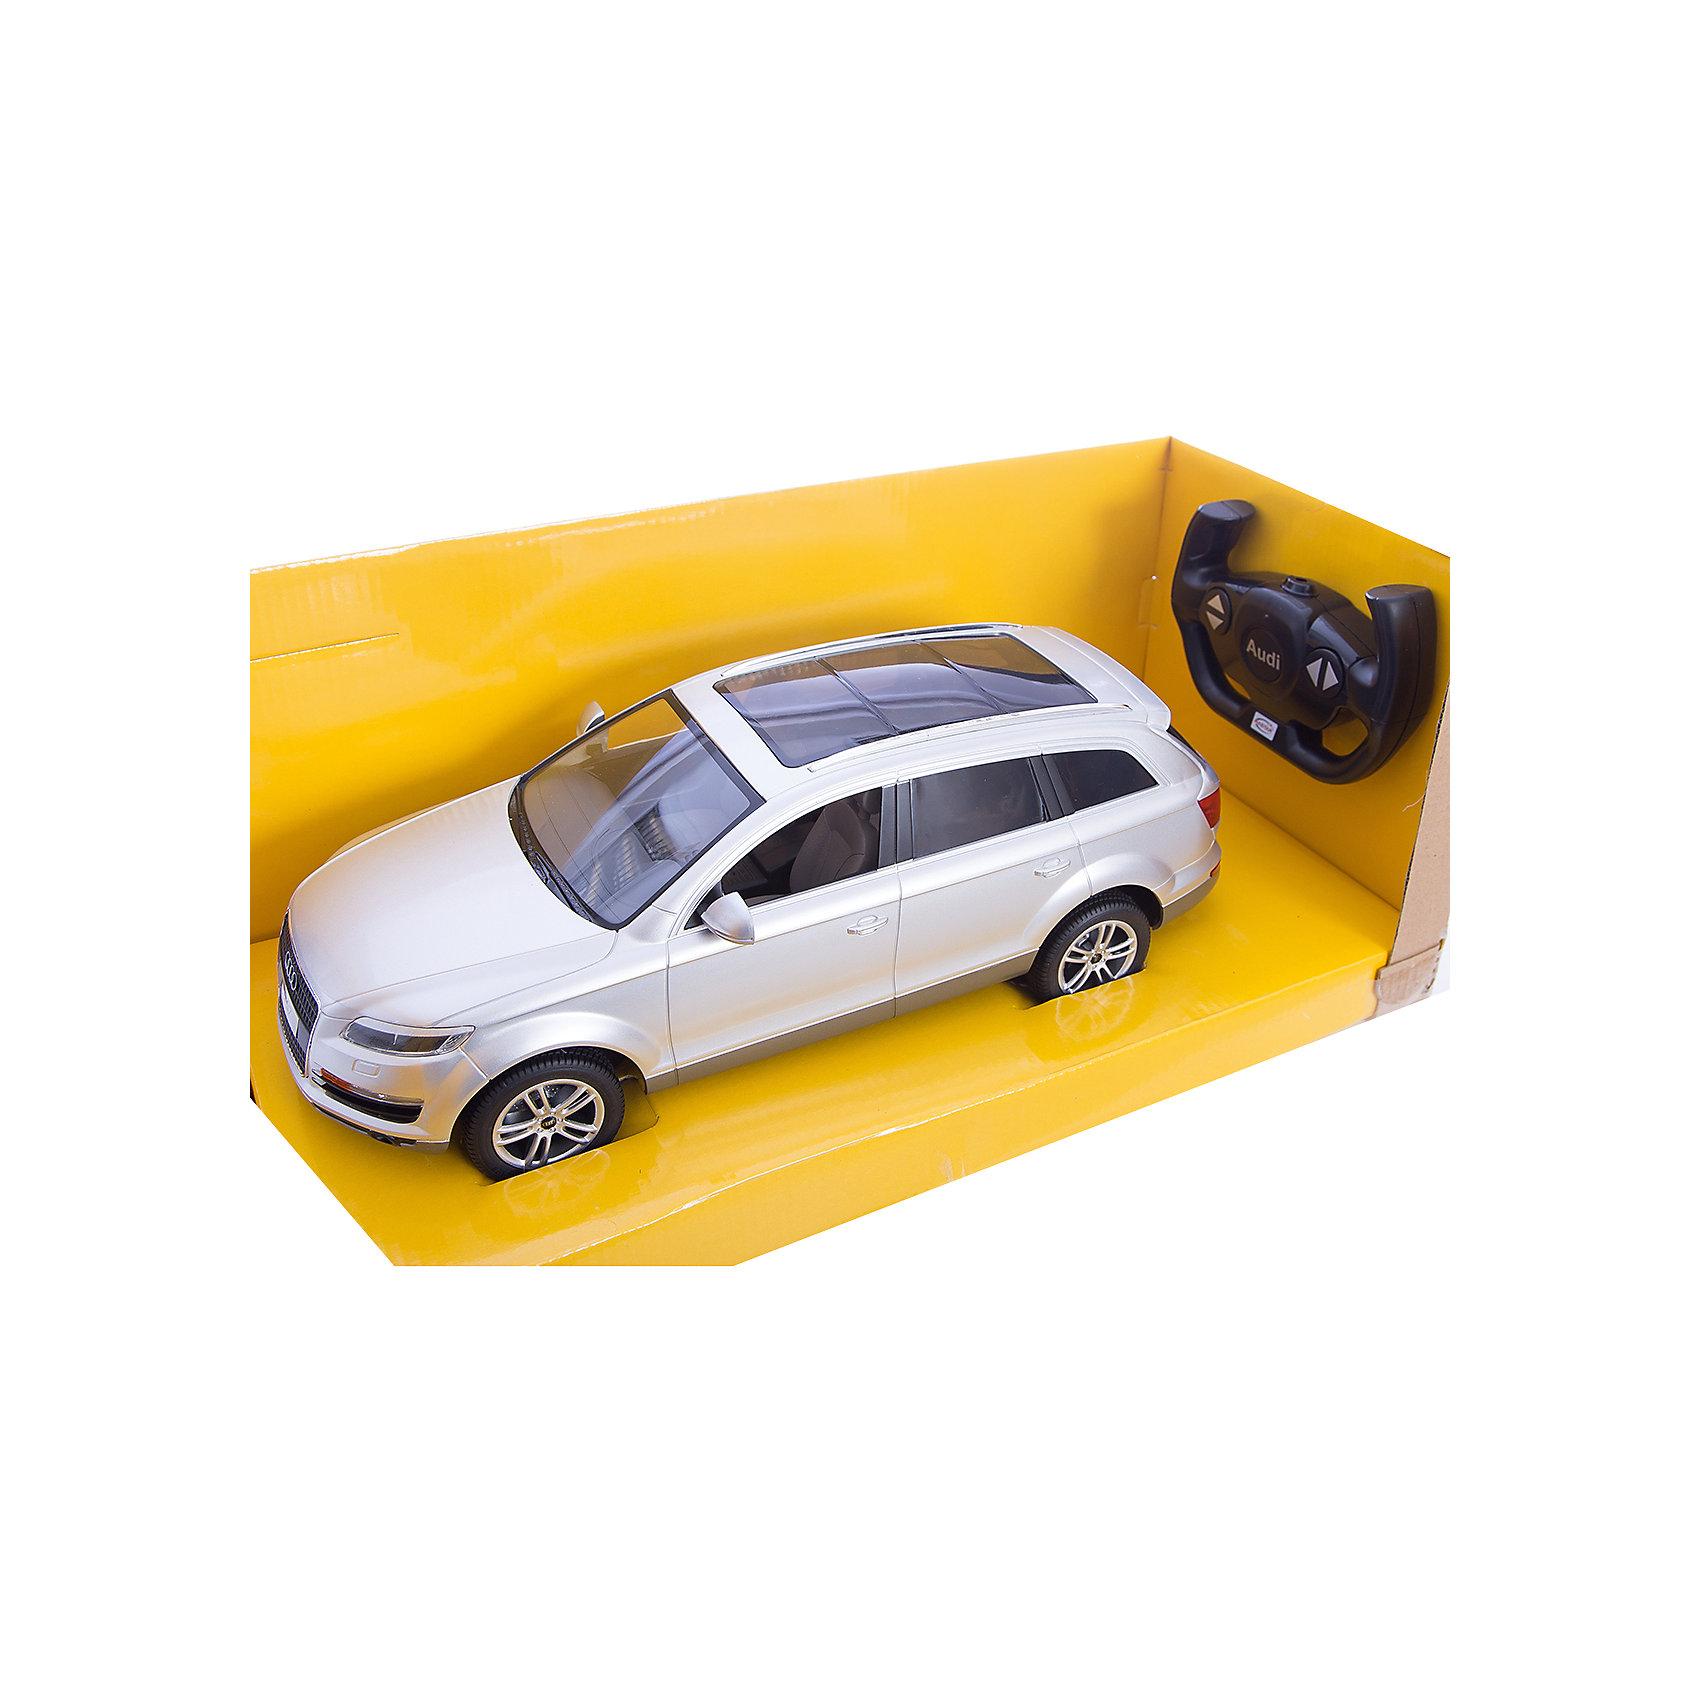 Машина AUDI Q7 1:14, свет, на р/у, RASTAR, серебристыйКоллекционные модели<br>Радиоуправляемая модель автомобиля Audi Q7 от Rastar выполнена в масштабе 1:14 из металла с пластмассовыми деталями — точная копия оригинального автомобиля. Автомобиль может двигаться вперед, назад, влево, вправо со скоростью до 12 км/ч. При движении вперед у автомобиля светятся фары. Радиус управления игрушкой до 35 метров.  При игре с автомобилем отлично развиваются логическое мышление и  координация движений.  Радиоуправляемая машина Audi Q7 от Rastar обрадует любого мальчишку!  Дополнительная информация:  - Пульт радиоуправления на частоте 27MHz. - Материал: металл, высококачественная пластмасса - Размеры упаковки(ДхШхВ): 22 x 46 x 20 см - Размеры автомобиля(ДхШхВ):  36x14x12 см - Батарейки: 5 х АА, 1 х «Крона». В комплект не входят. - Вес: 1,58 кг  Машину AUDI Q7 1:14, свет, на р/у, RASTAR можно купить в нашем интернет-магазине.<br><br>Ширина мм: 200<br>Глубина мм: 220<br>Высота мм: 460<br>Вес г: 1580<br>Возраст от месяцев: 36<br>Возраст до месяцев: 144<br>Пол: Мужской<br>Возраст: Детский<br>SKU: 4838262